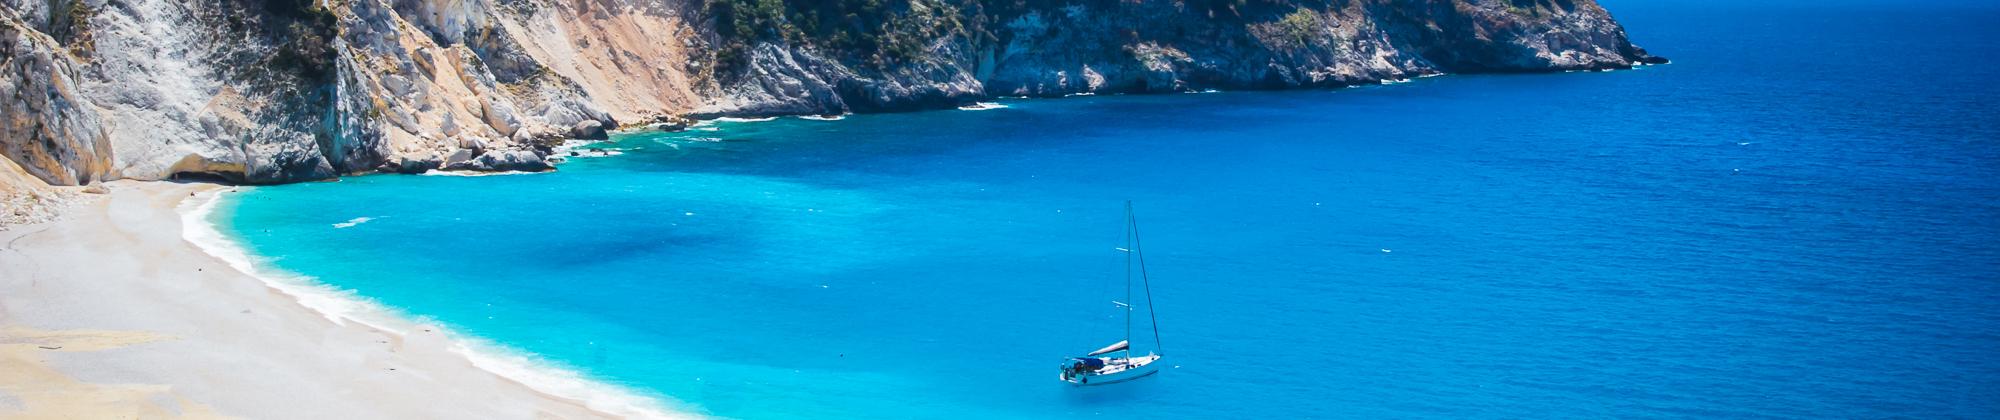 sailing destinations